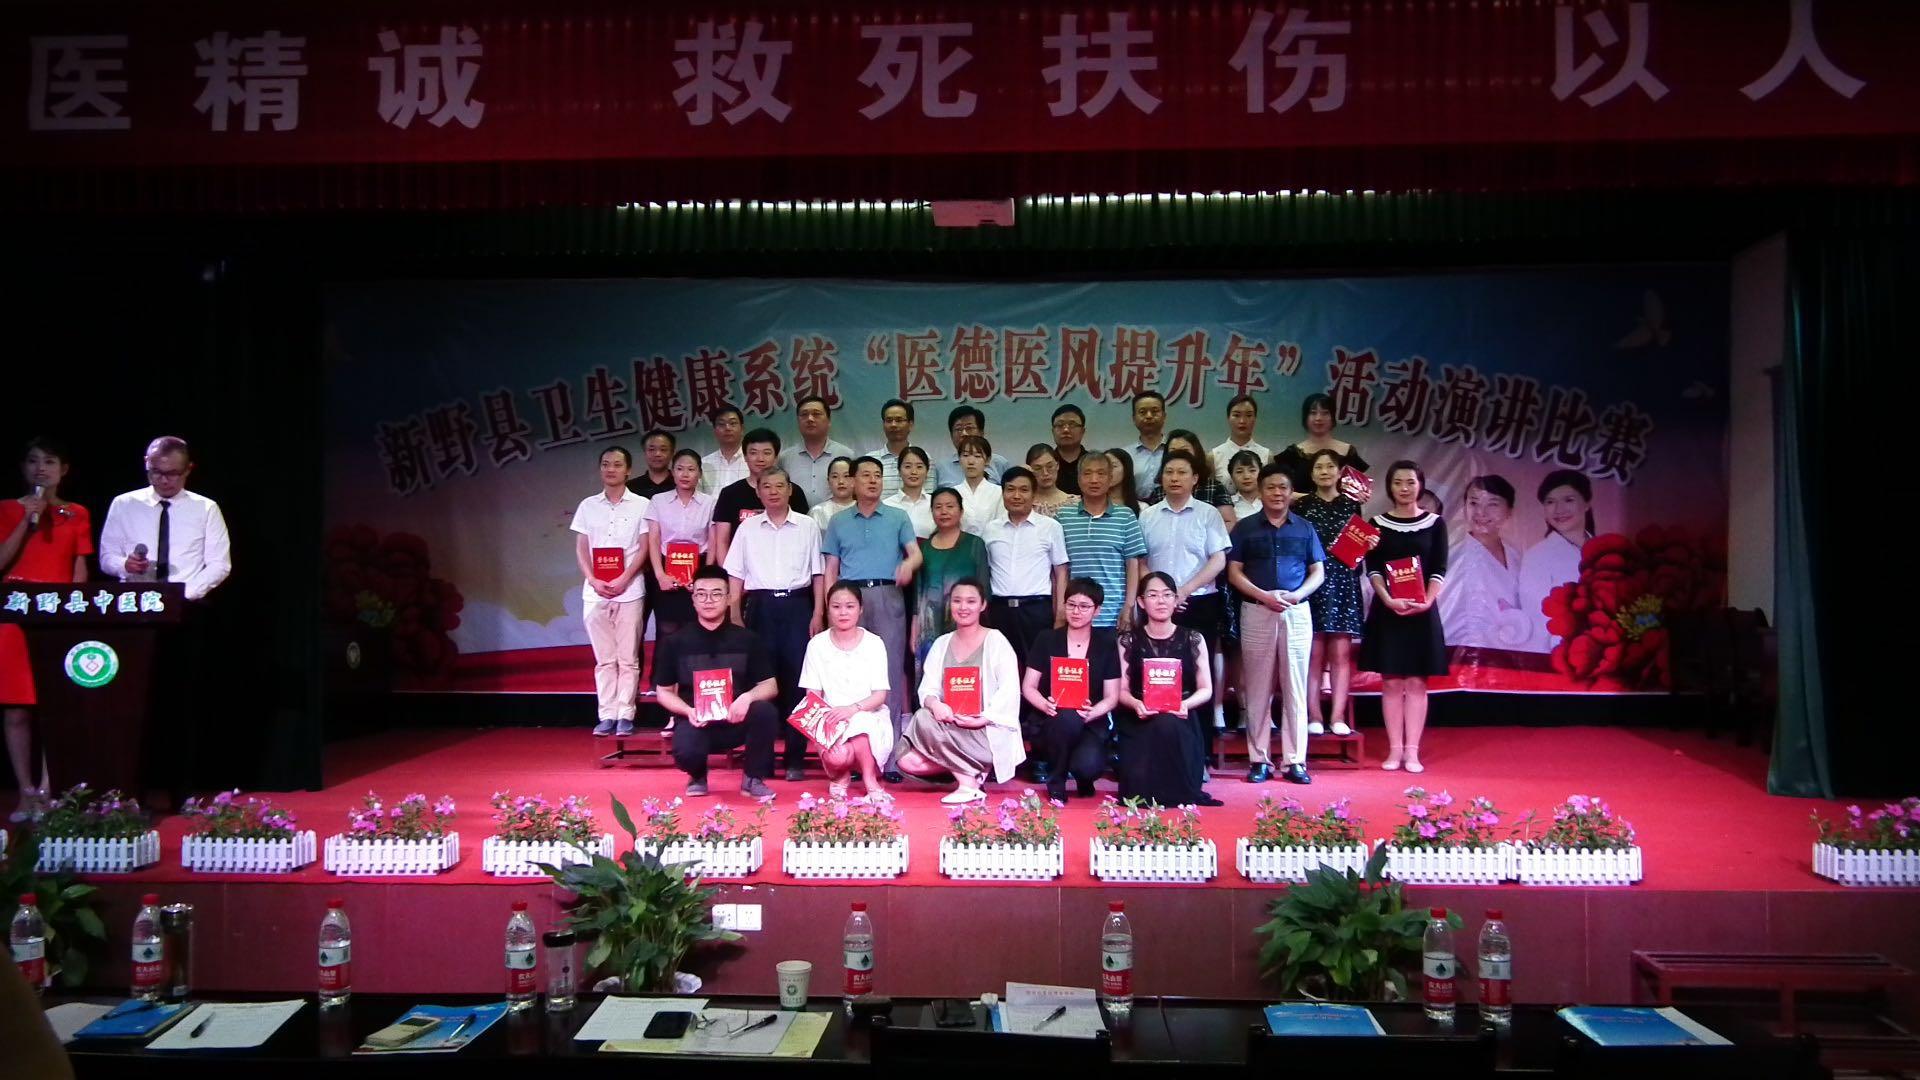 新野县卫生健康委举办医德医风提升年演讲比赛